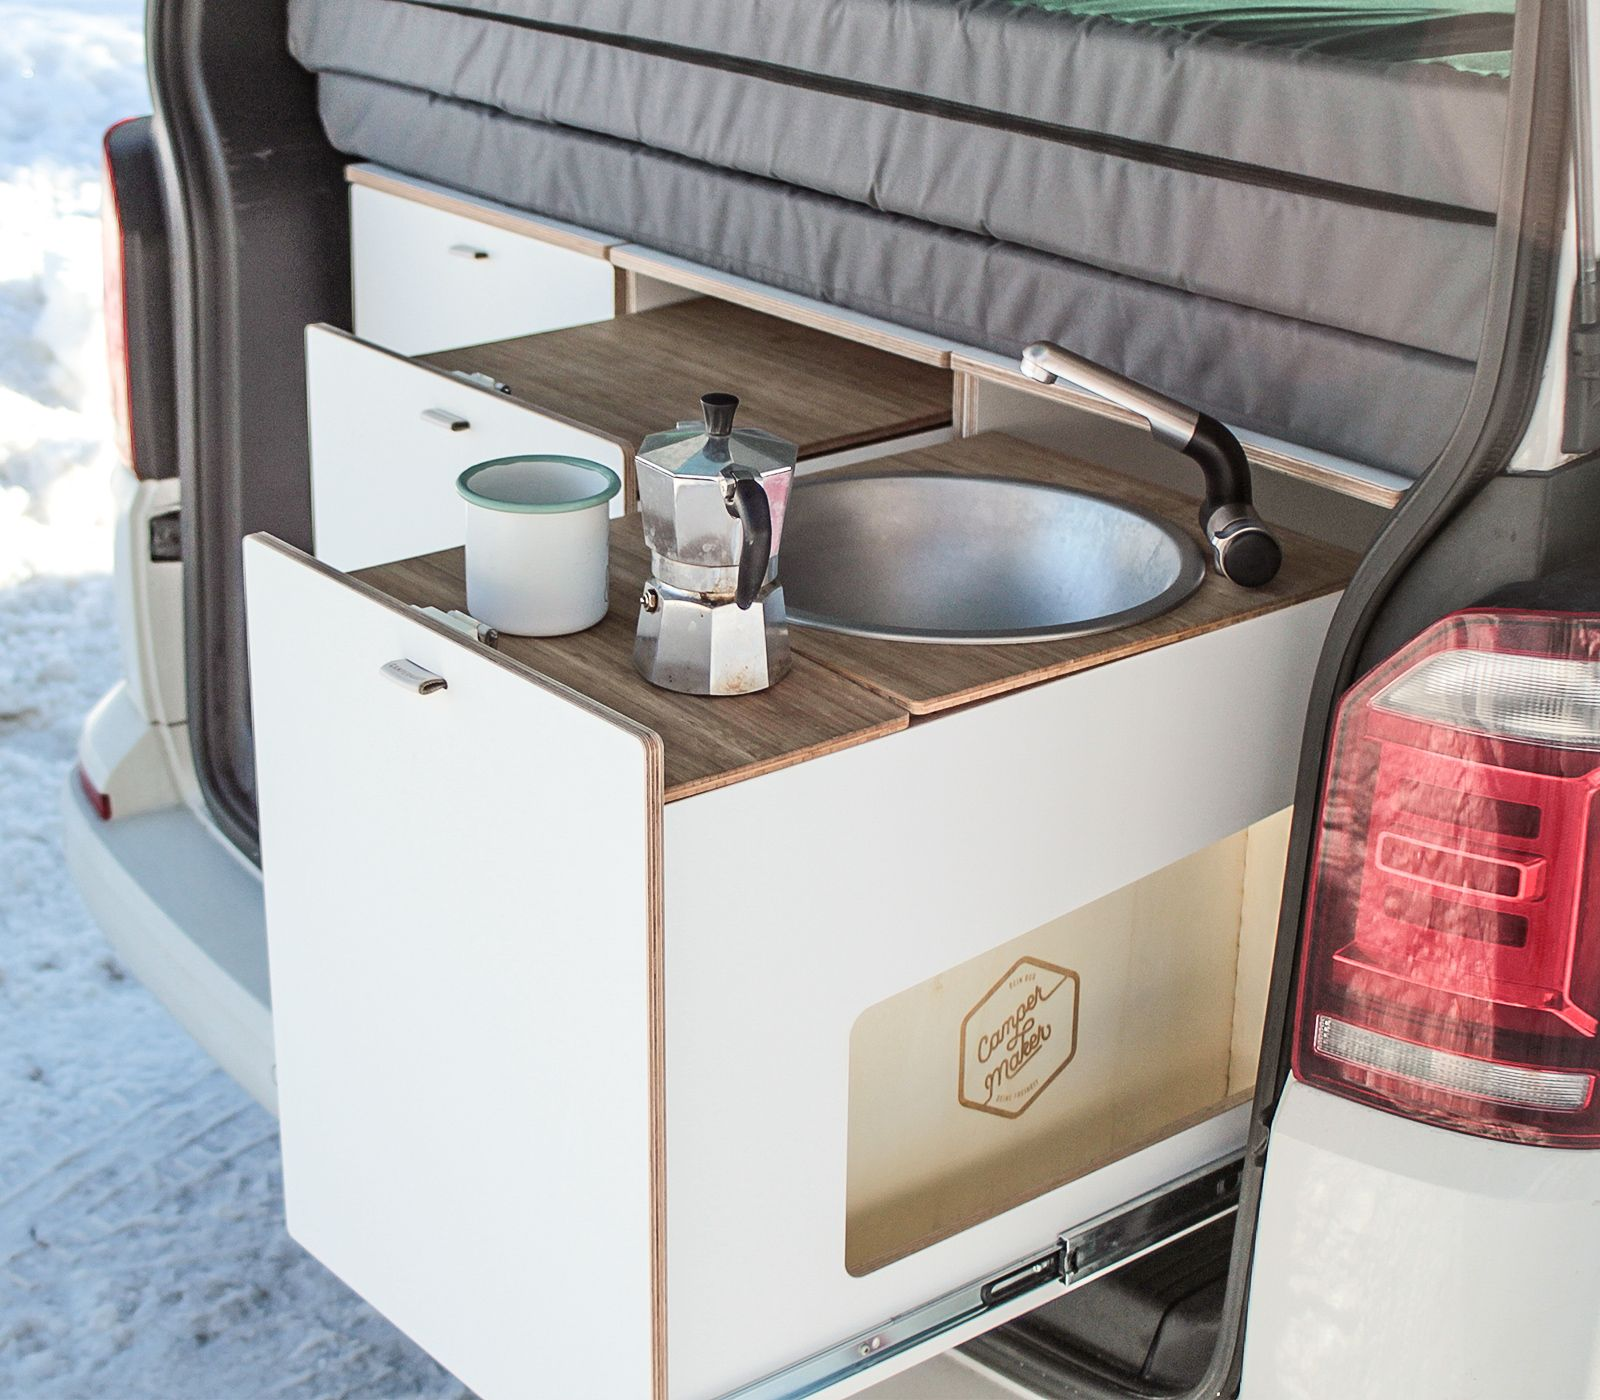 Pin Von Campermaker Auf Campingkuche Fur Vw California Und Multivan Camping Box Bambus Arbeitsplatte Kompressor Kuhlbox